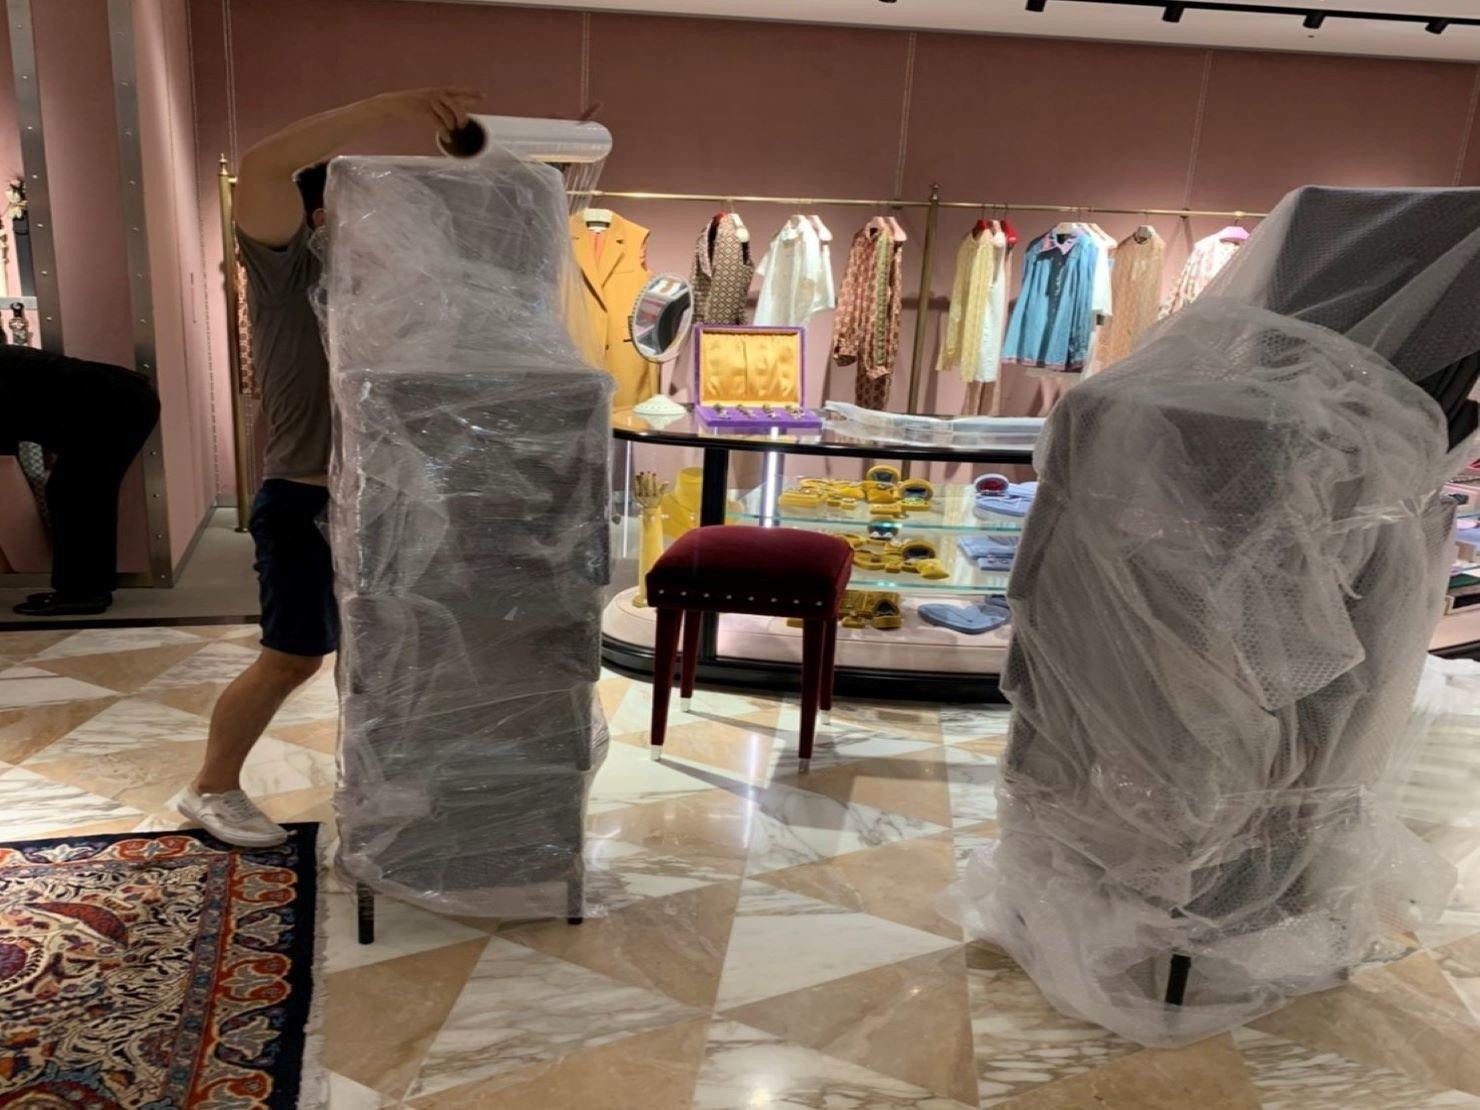 搬家公司【榮福搬家】百貨公司撤場搬運、精緻搬家,值得您的信賴與選擇:椅子包裝:不只能省去擺放空間,也能達到防碰撞及防磨損刮傷的功能。